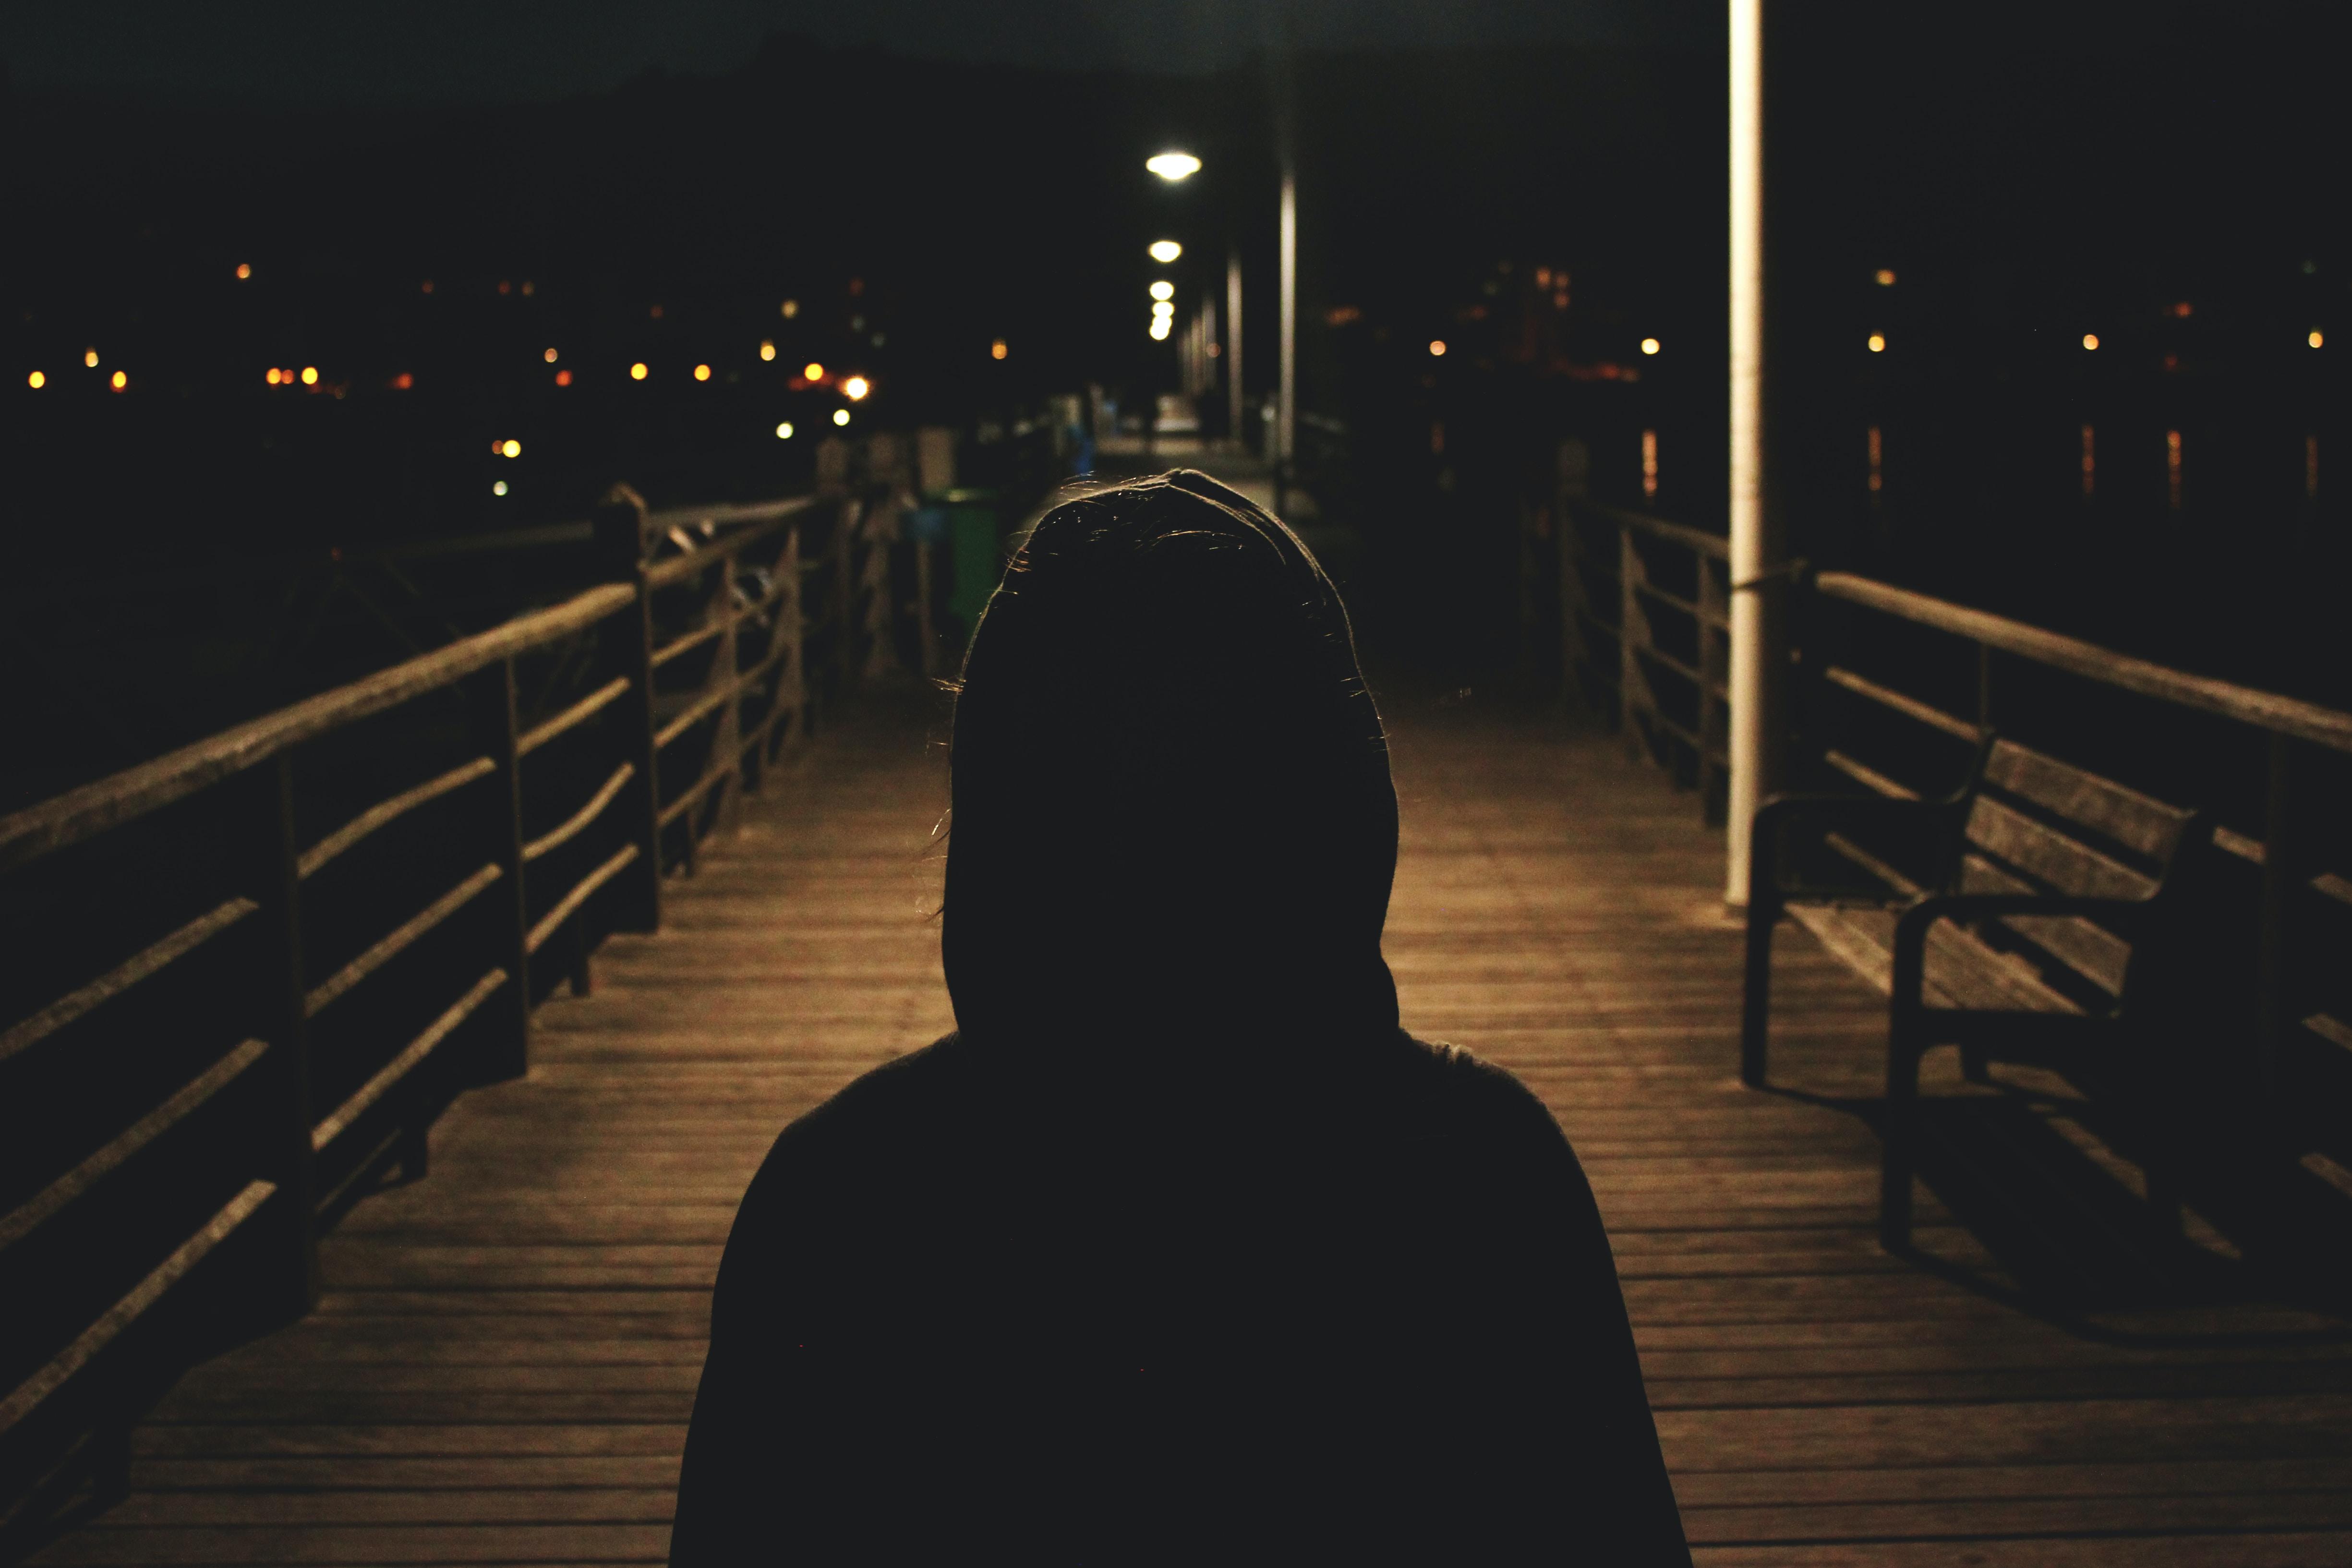 person wearing hooded jacket walking in bridge